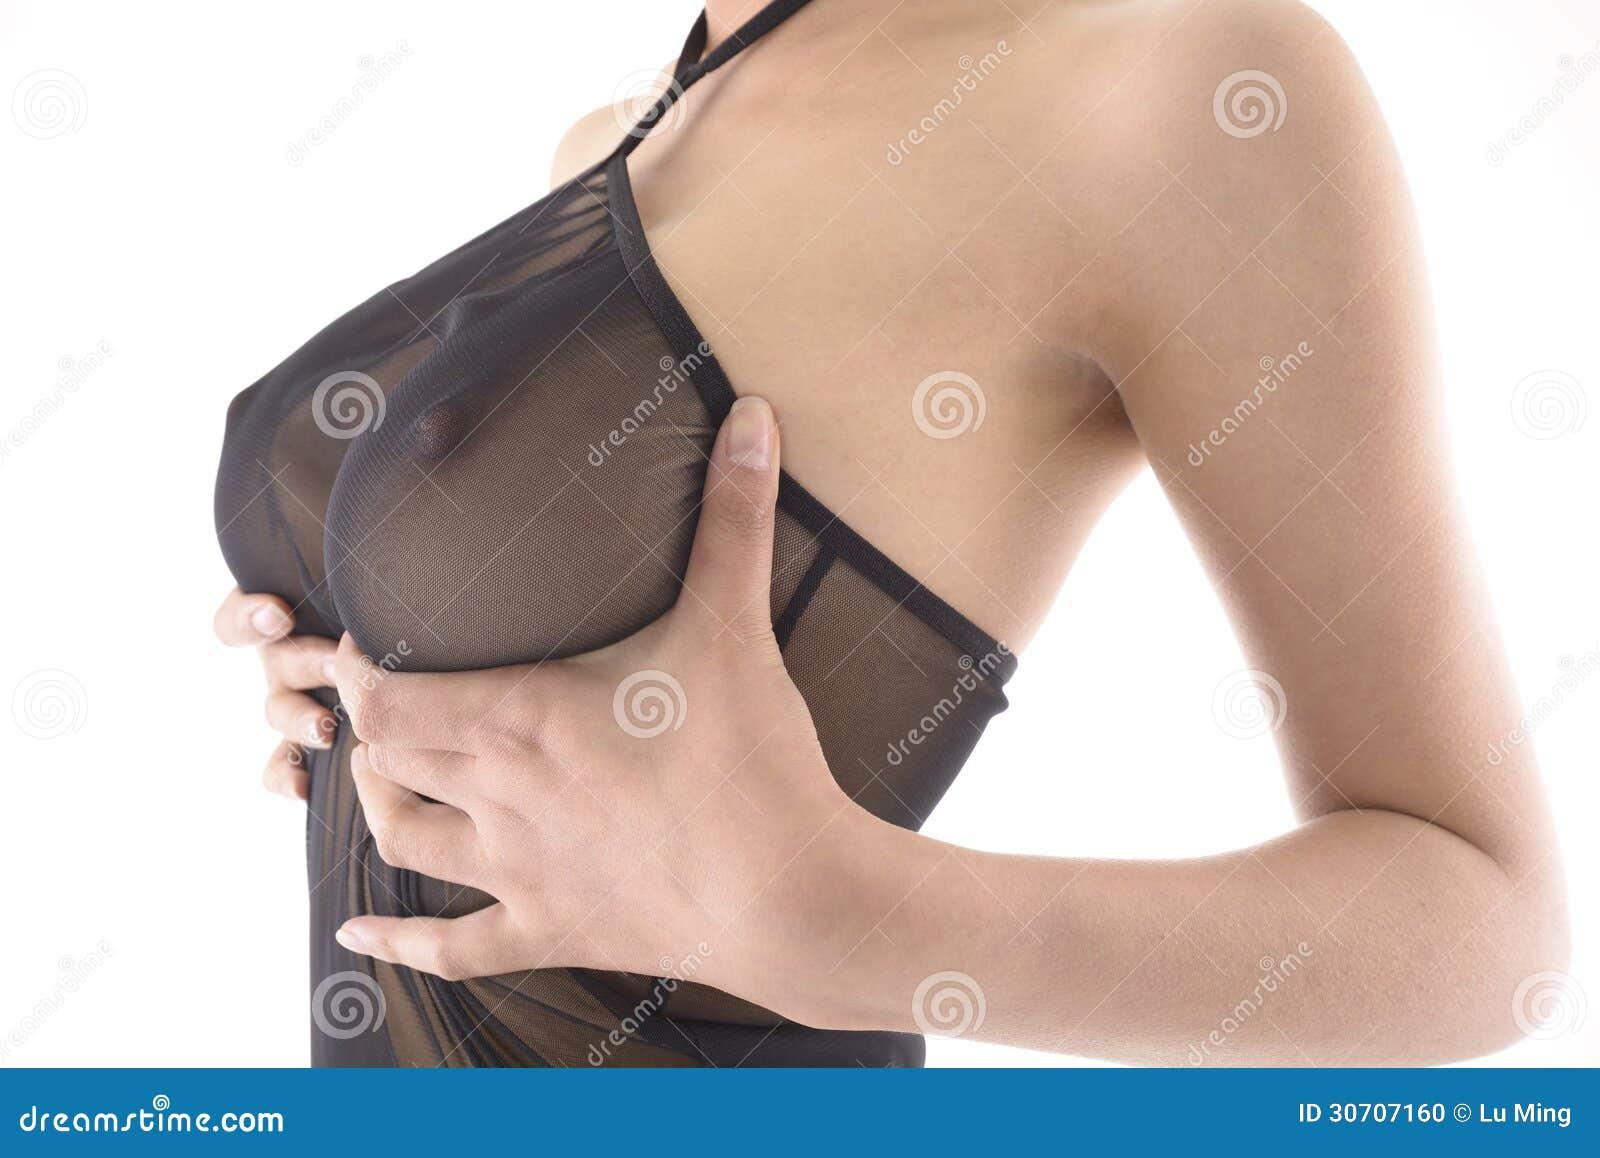 Фотография женских грудь 20 фотография